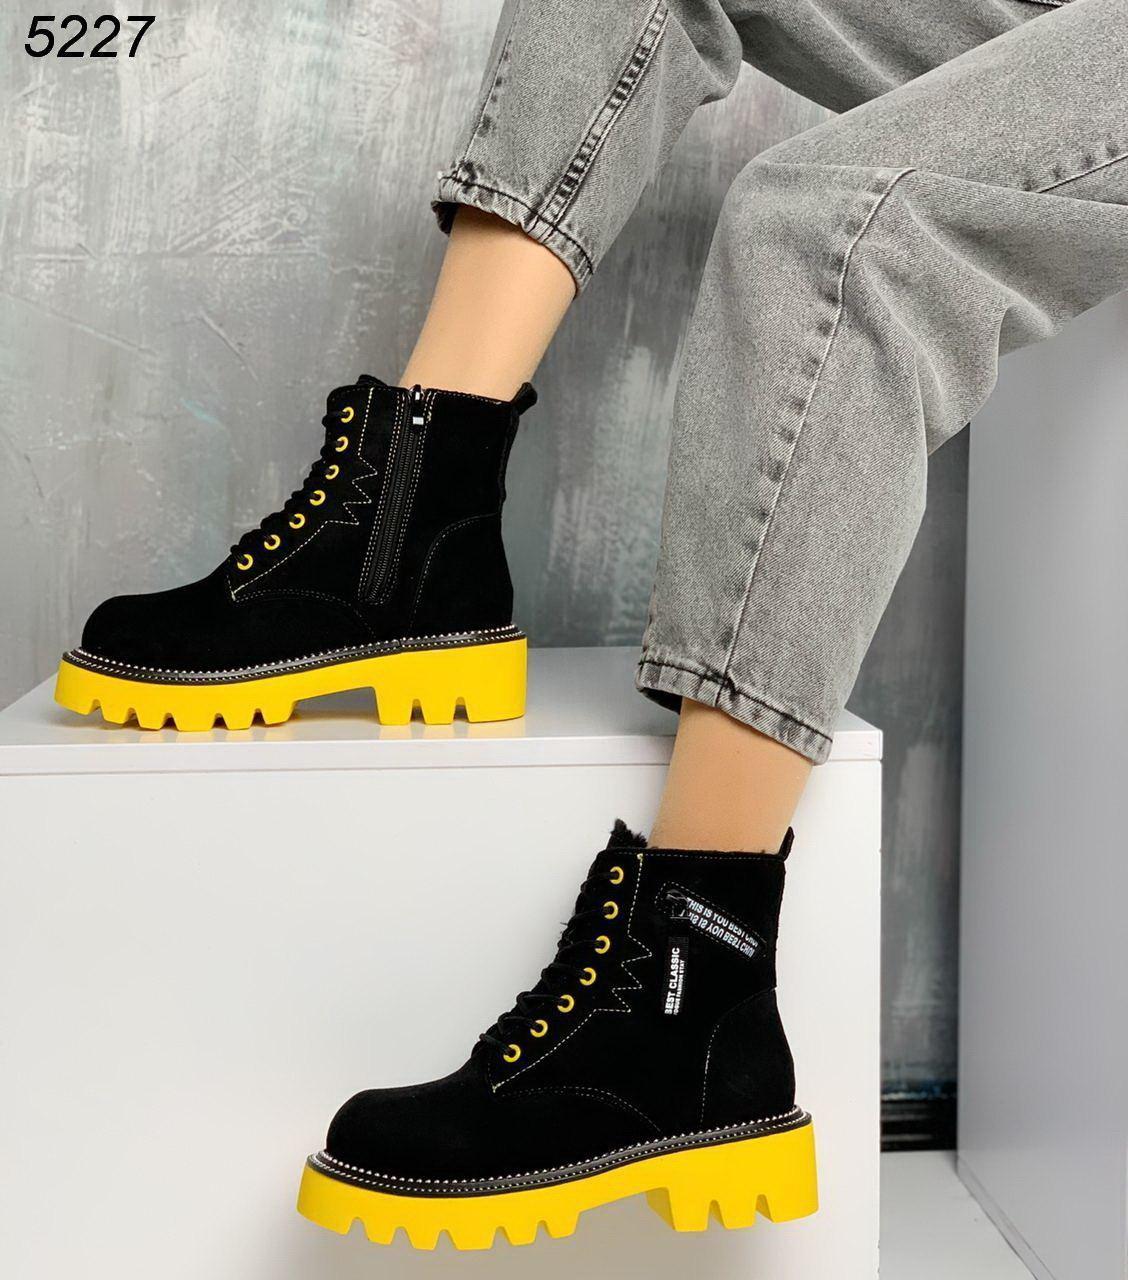 Женские черные зимние ботинки из замши на желтой и красной подошве JQ5227